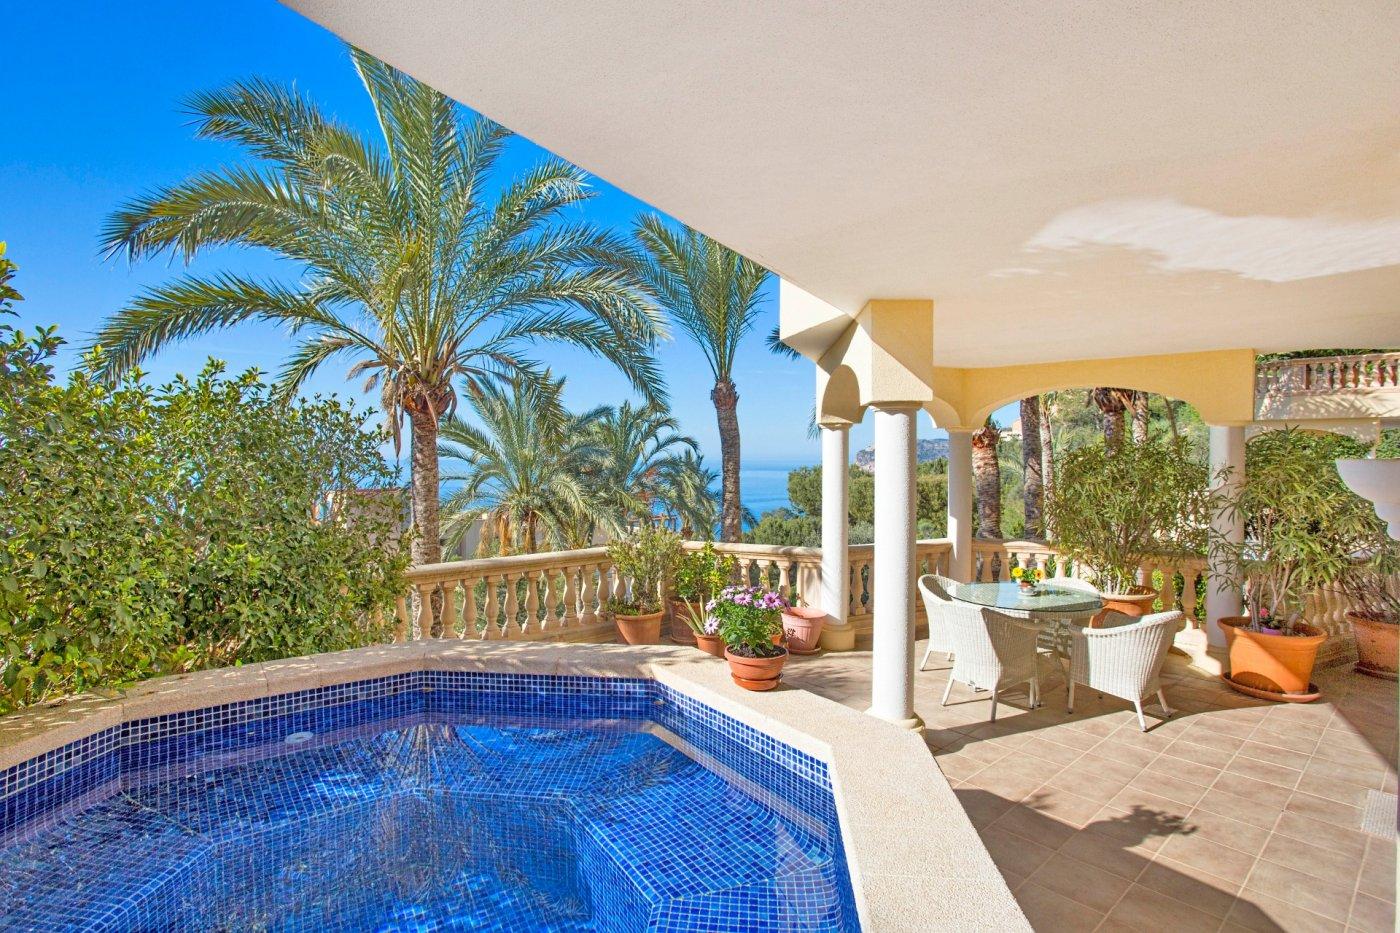 Magnífico apartamento con espectaculares vistas panorámicas al mar en costa de la calma